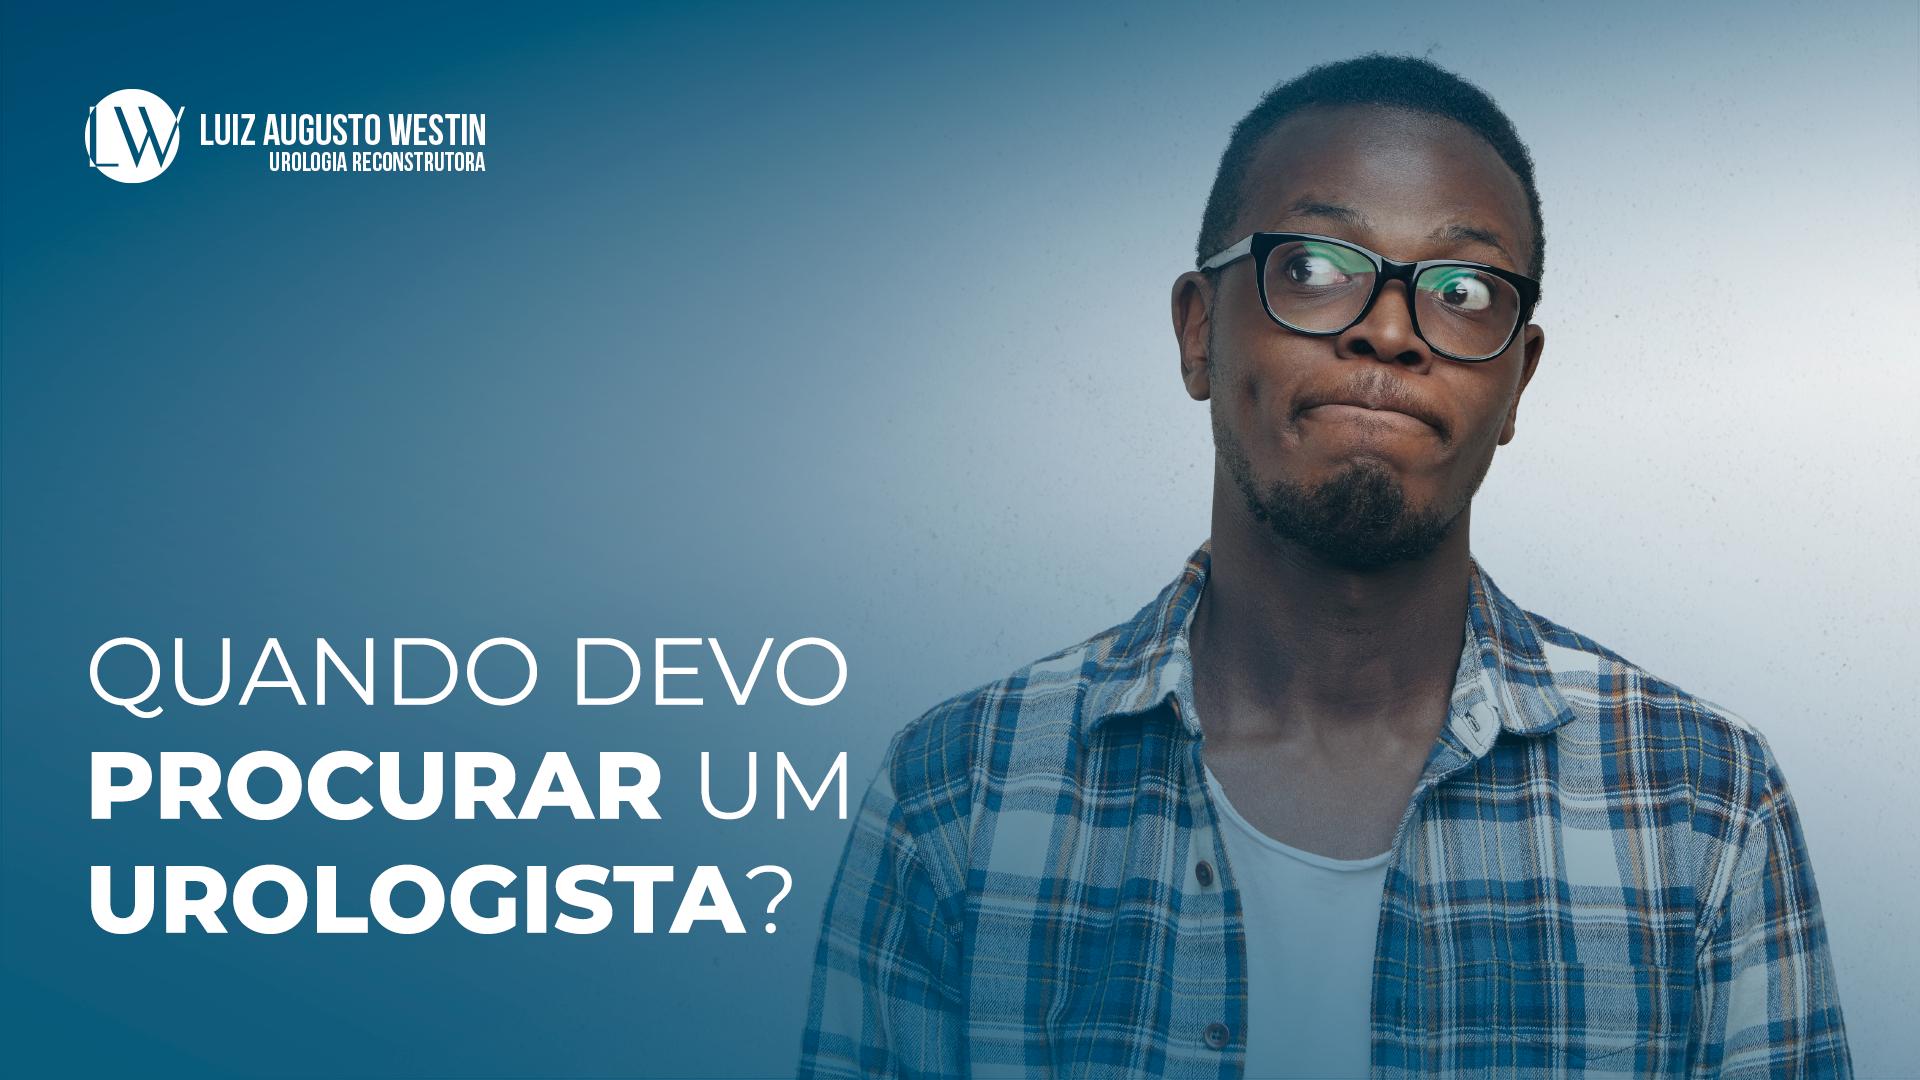 Quando devo procurar um urologista? |Dr. Luiz Augusto Westin